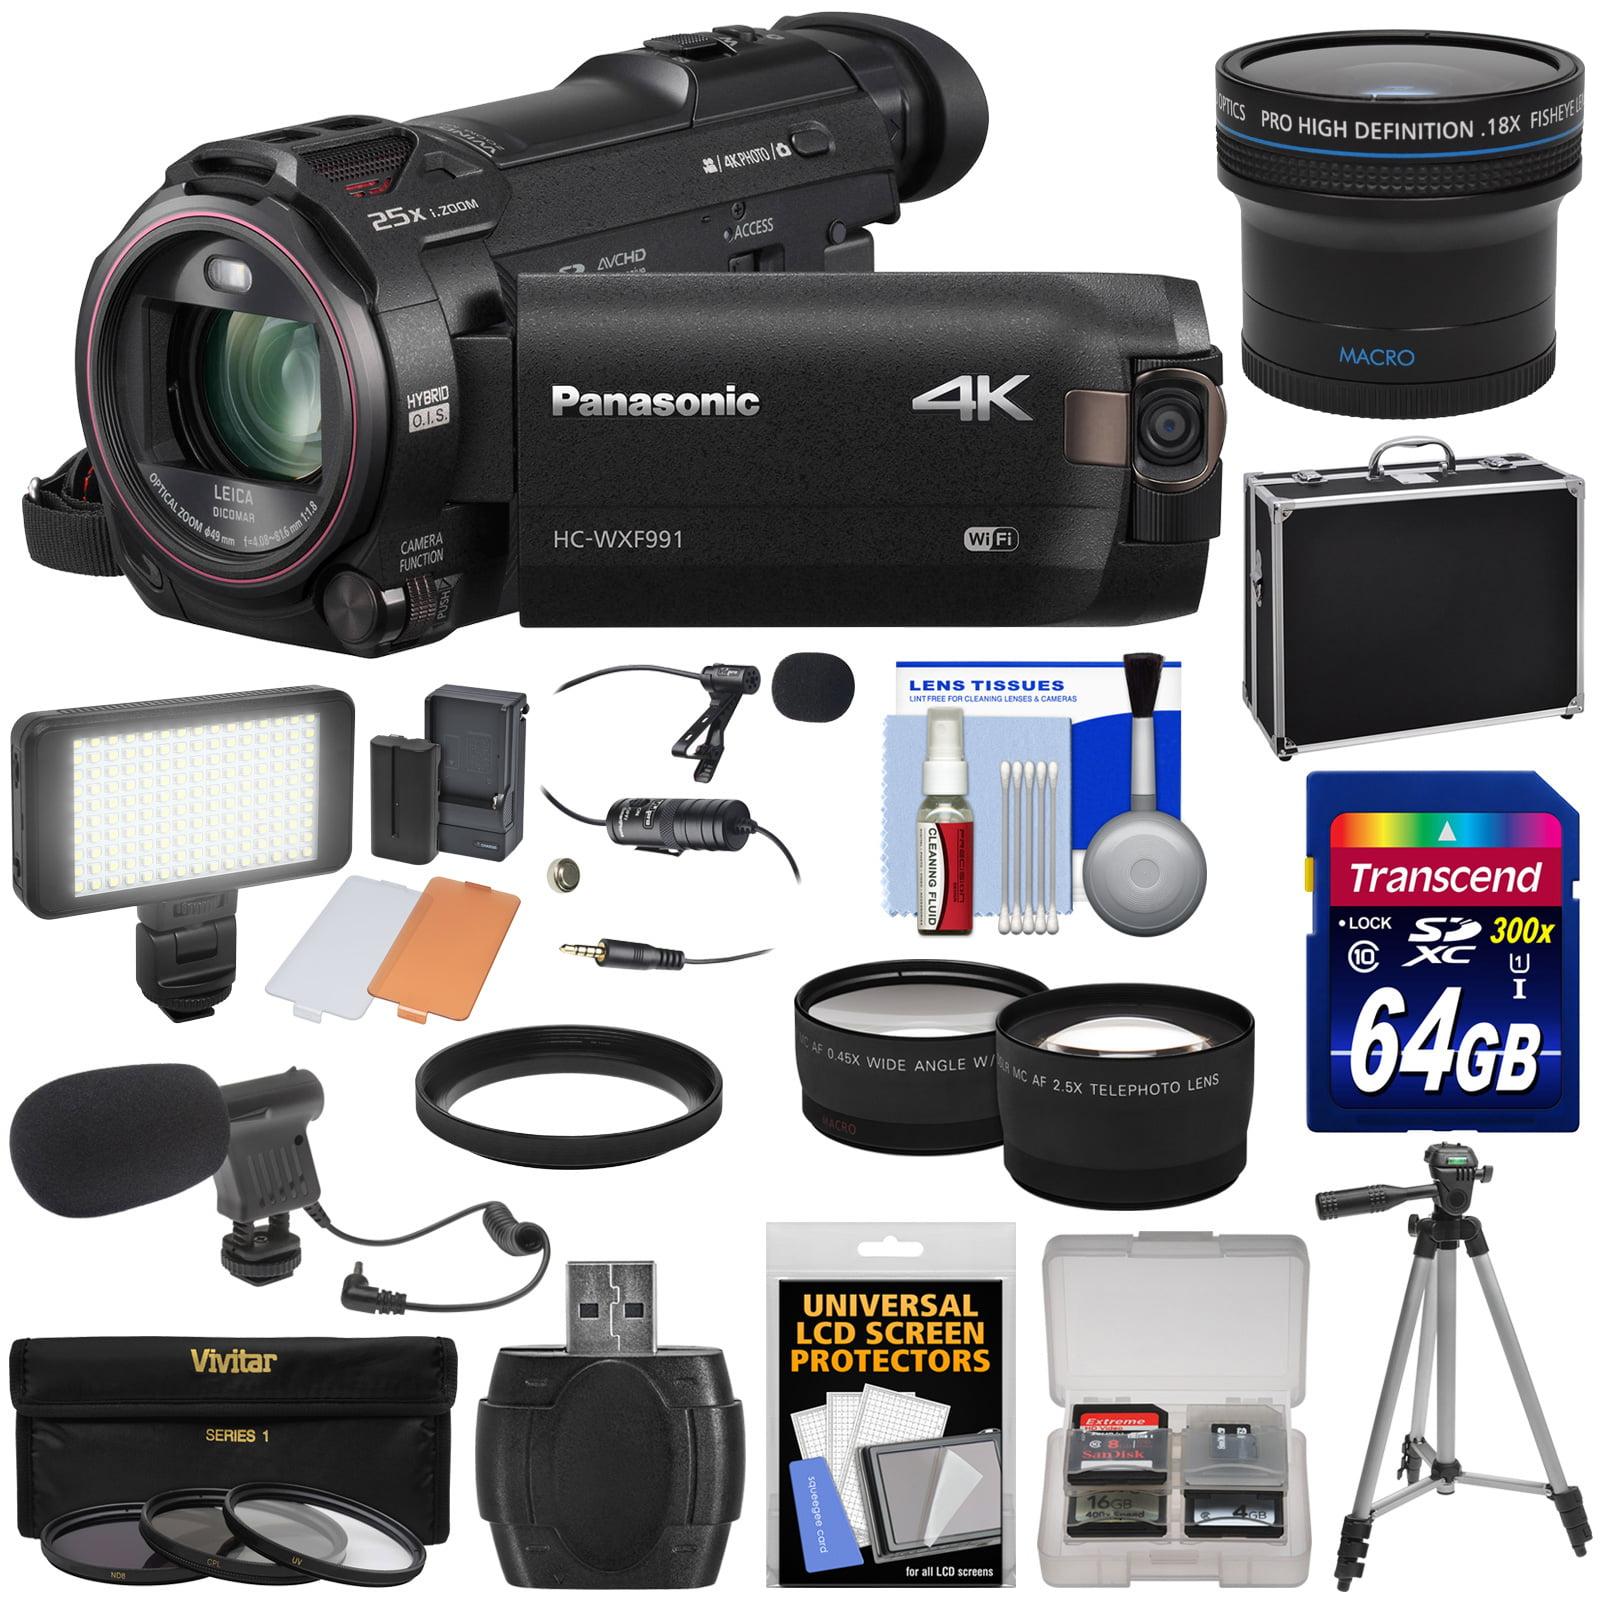 Panasonic HC-WXF991 Wi-Fi 4K Ultra HD Video Camera Camcorder with 64GB + Case + Tripod + LED Light + 2 Mics +... by Panasonic